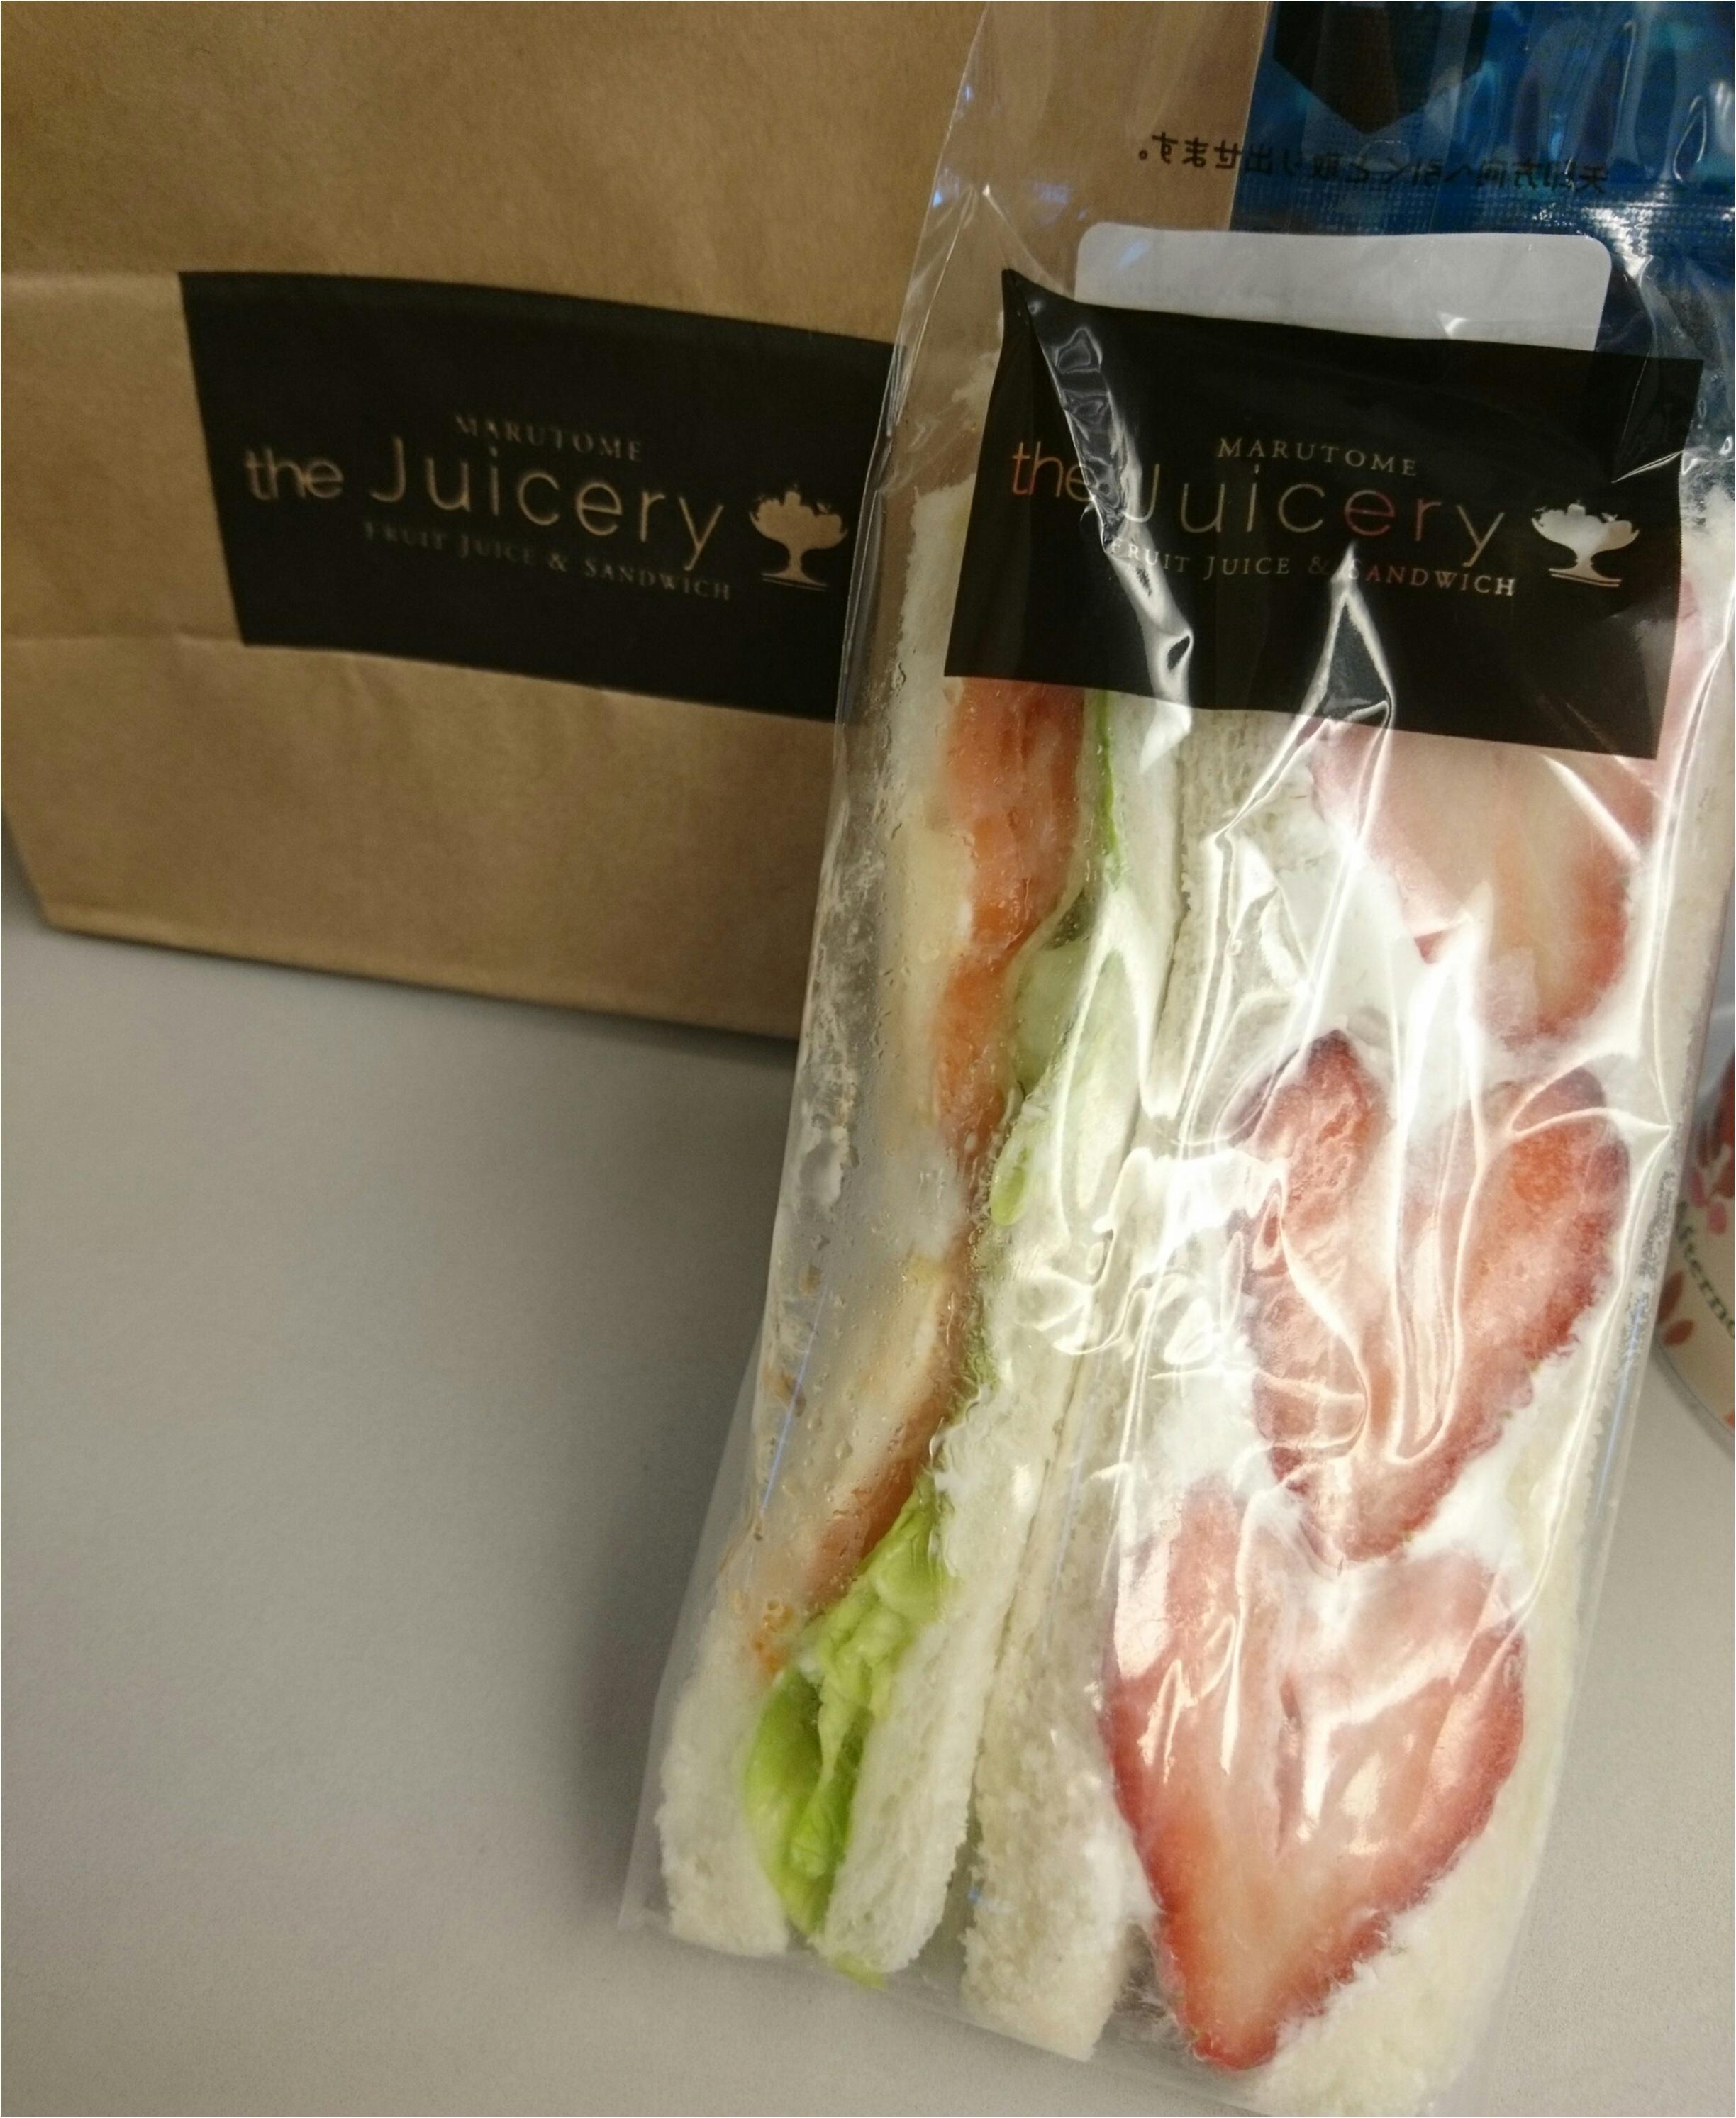 ≪大阪≫果物屋:MARUTOME サンドイッチで至福の朝ごはん♡_1